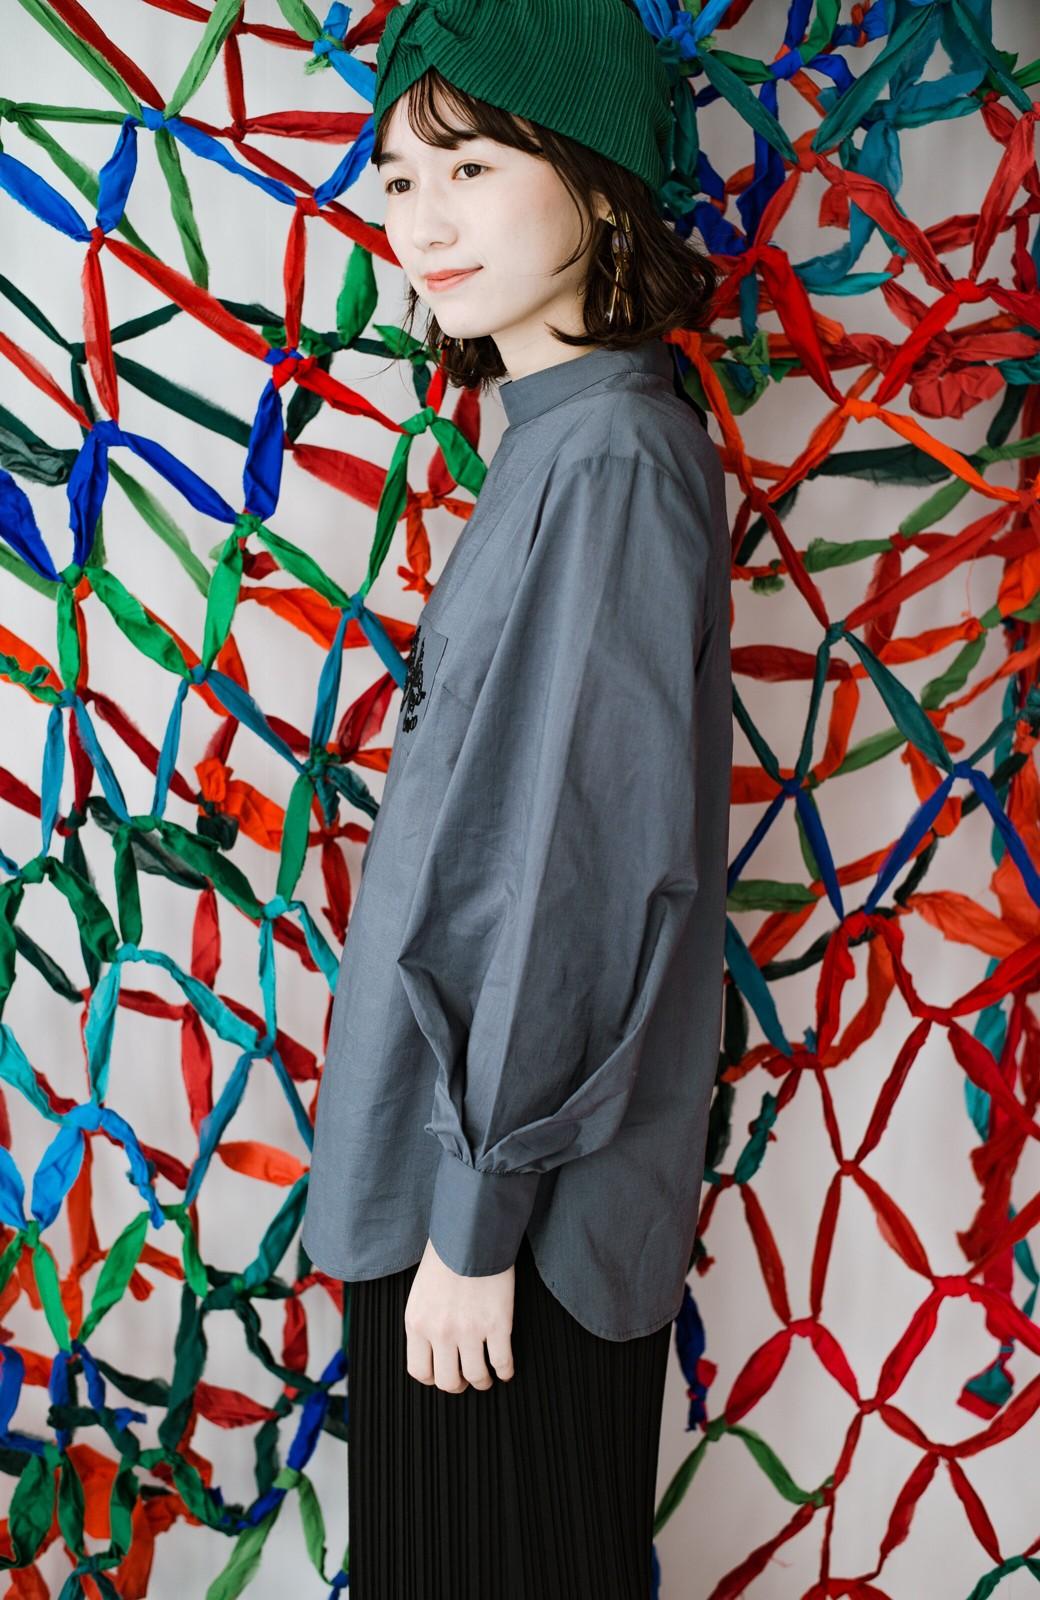 haco! 上品な刺繍がまるでレースのよう オーガニックコットンの袖ぽんわりブラウス from Stitch by Stitch <グレイッシュブルー>の商品写真19